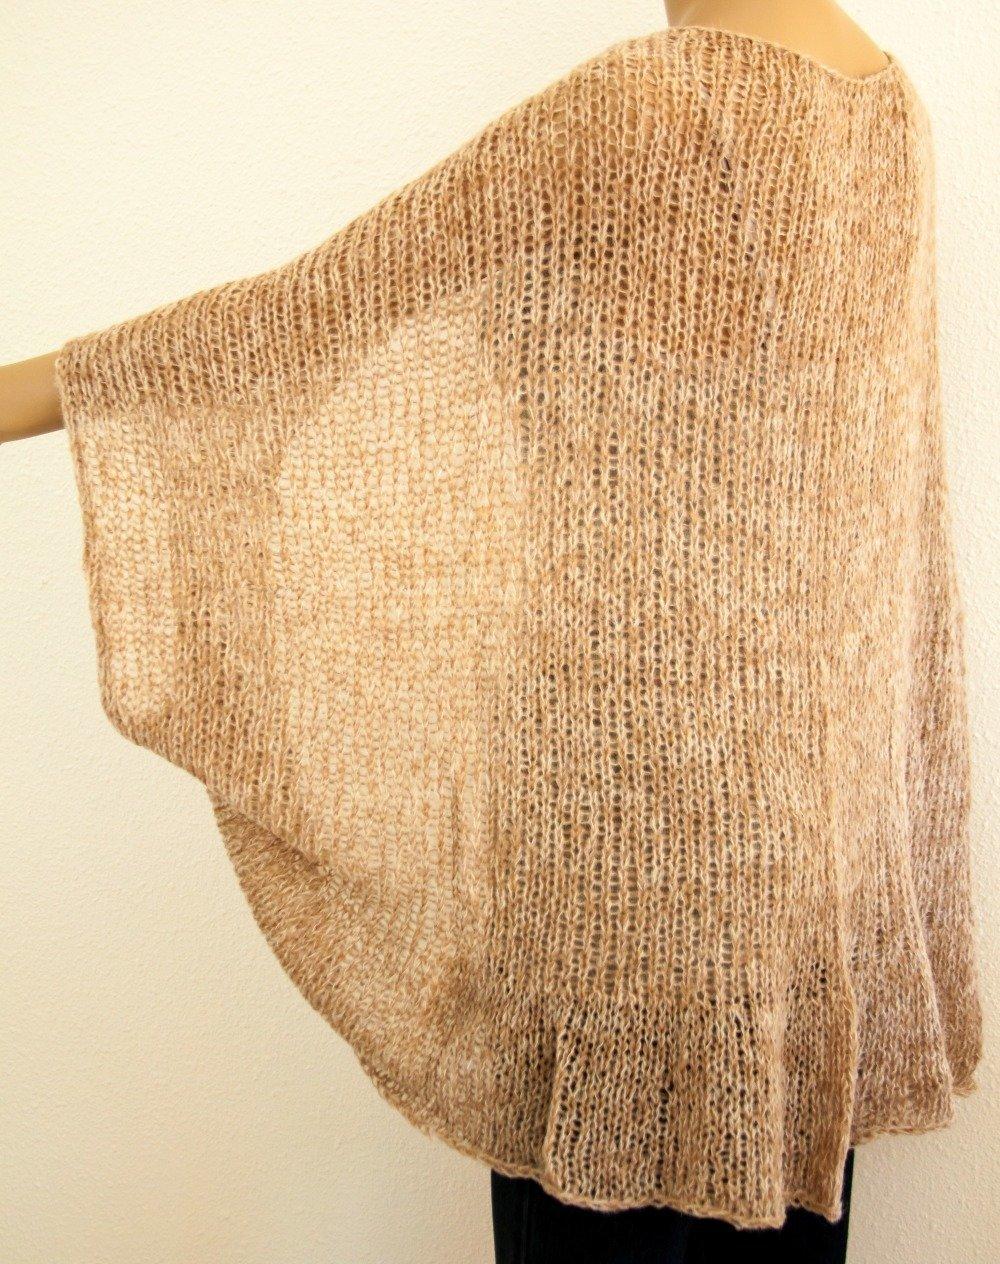 Vendu! cardigan shrug boho chic tricot à la main grosses mailles oversize kid mohair colorant mélange biege marron clair